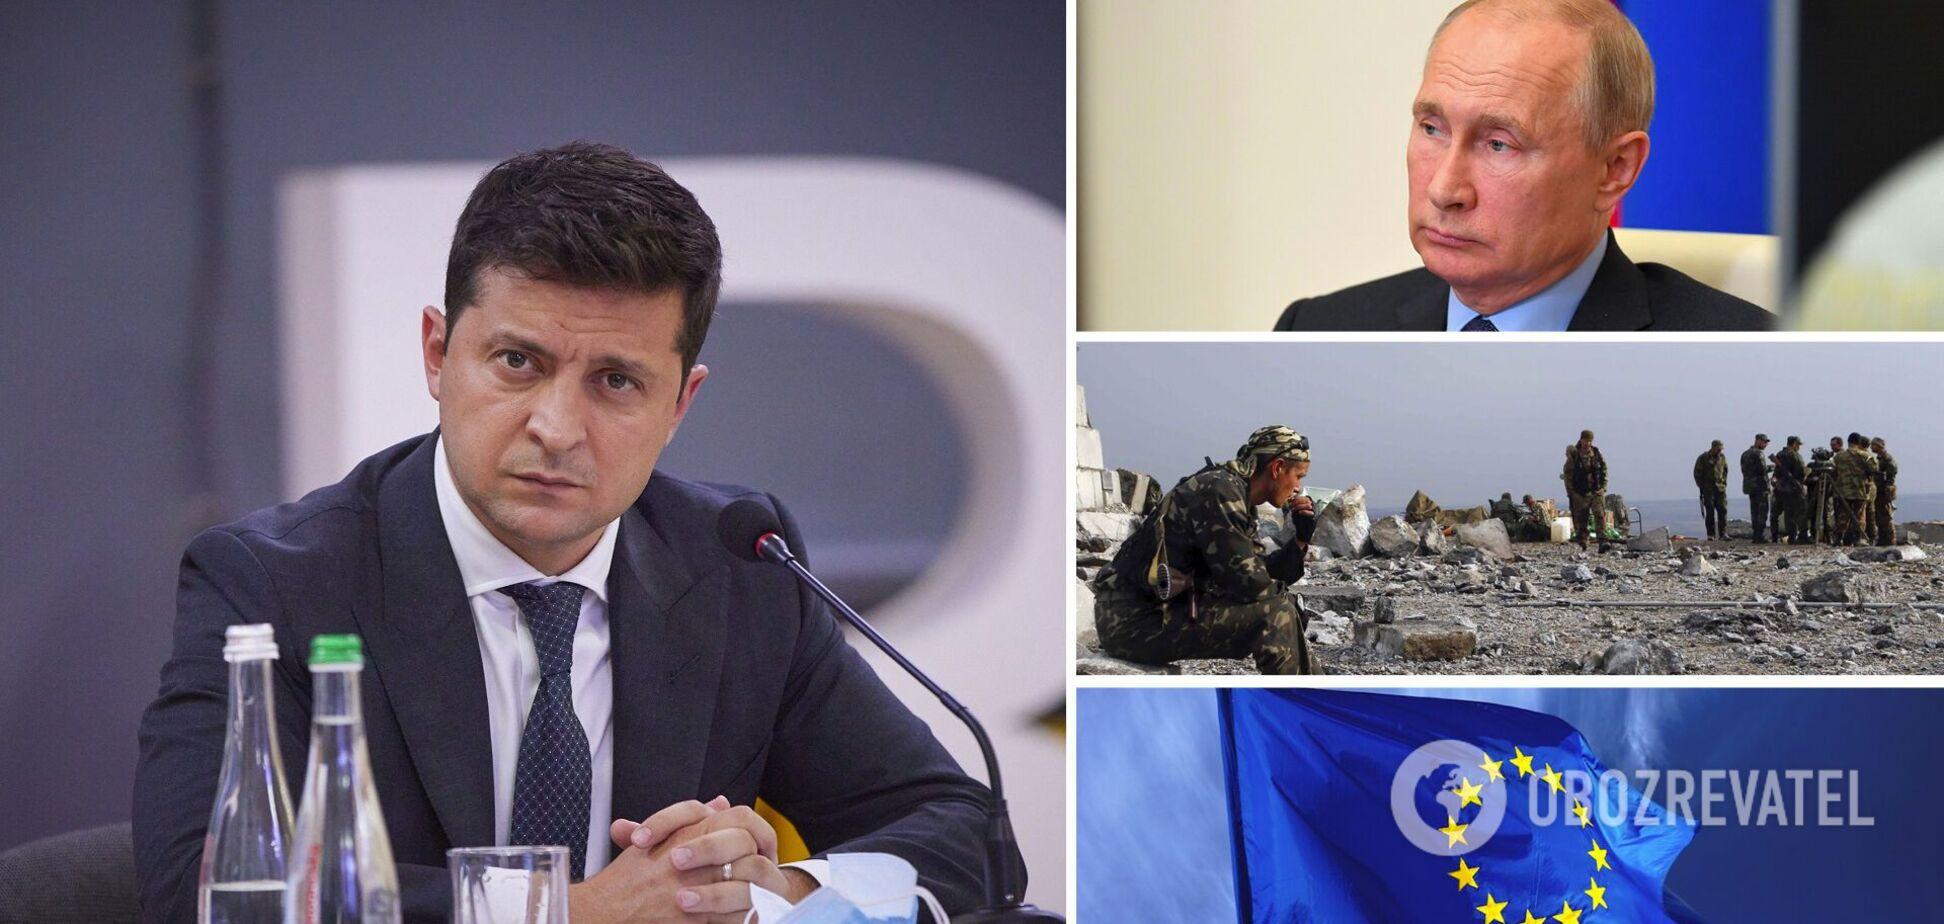 Зеленский дал интервью о Путине, Донбассе и ЕС: главные заявления